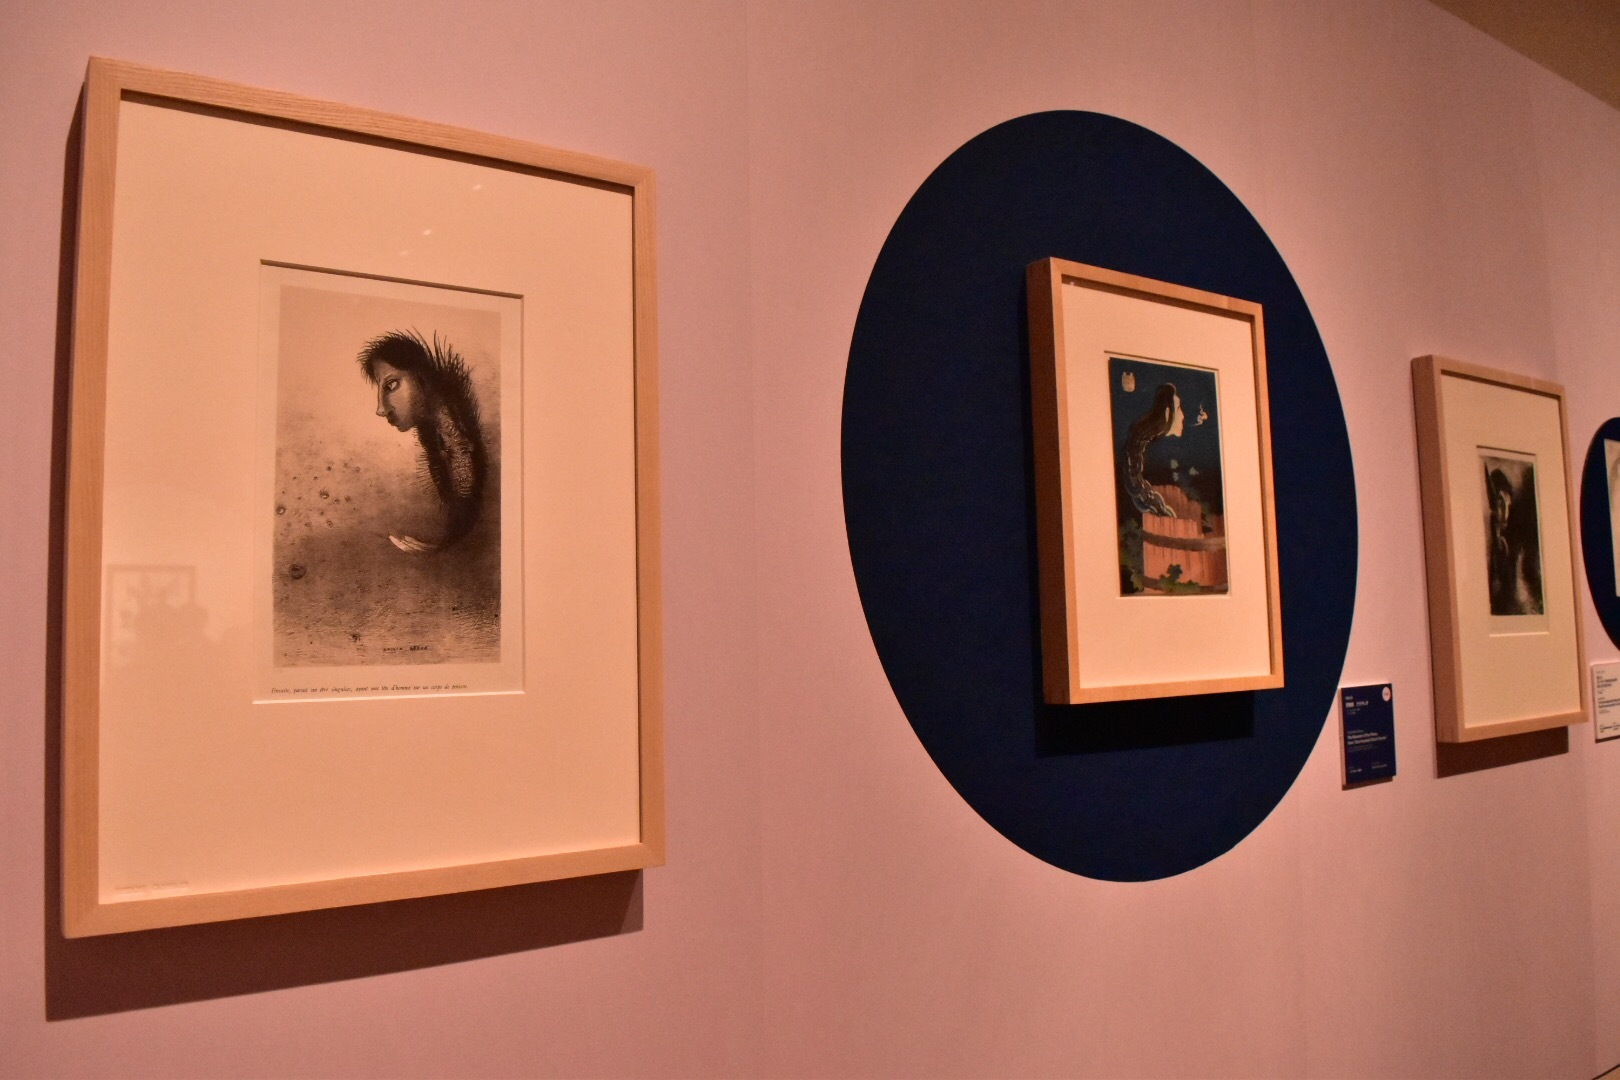 左:オディロン・ルドン 「聖アントワーヌの誘惑」第一集より《?.それから魚の体に人間の頭を持った奇妙なものが現れる》1888年 国立西洋美術館 右奥:葛飾北斎《百物語 さらやしき》1831(天保2)年頃 ミネアポリス美術館